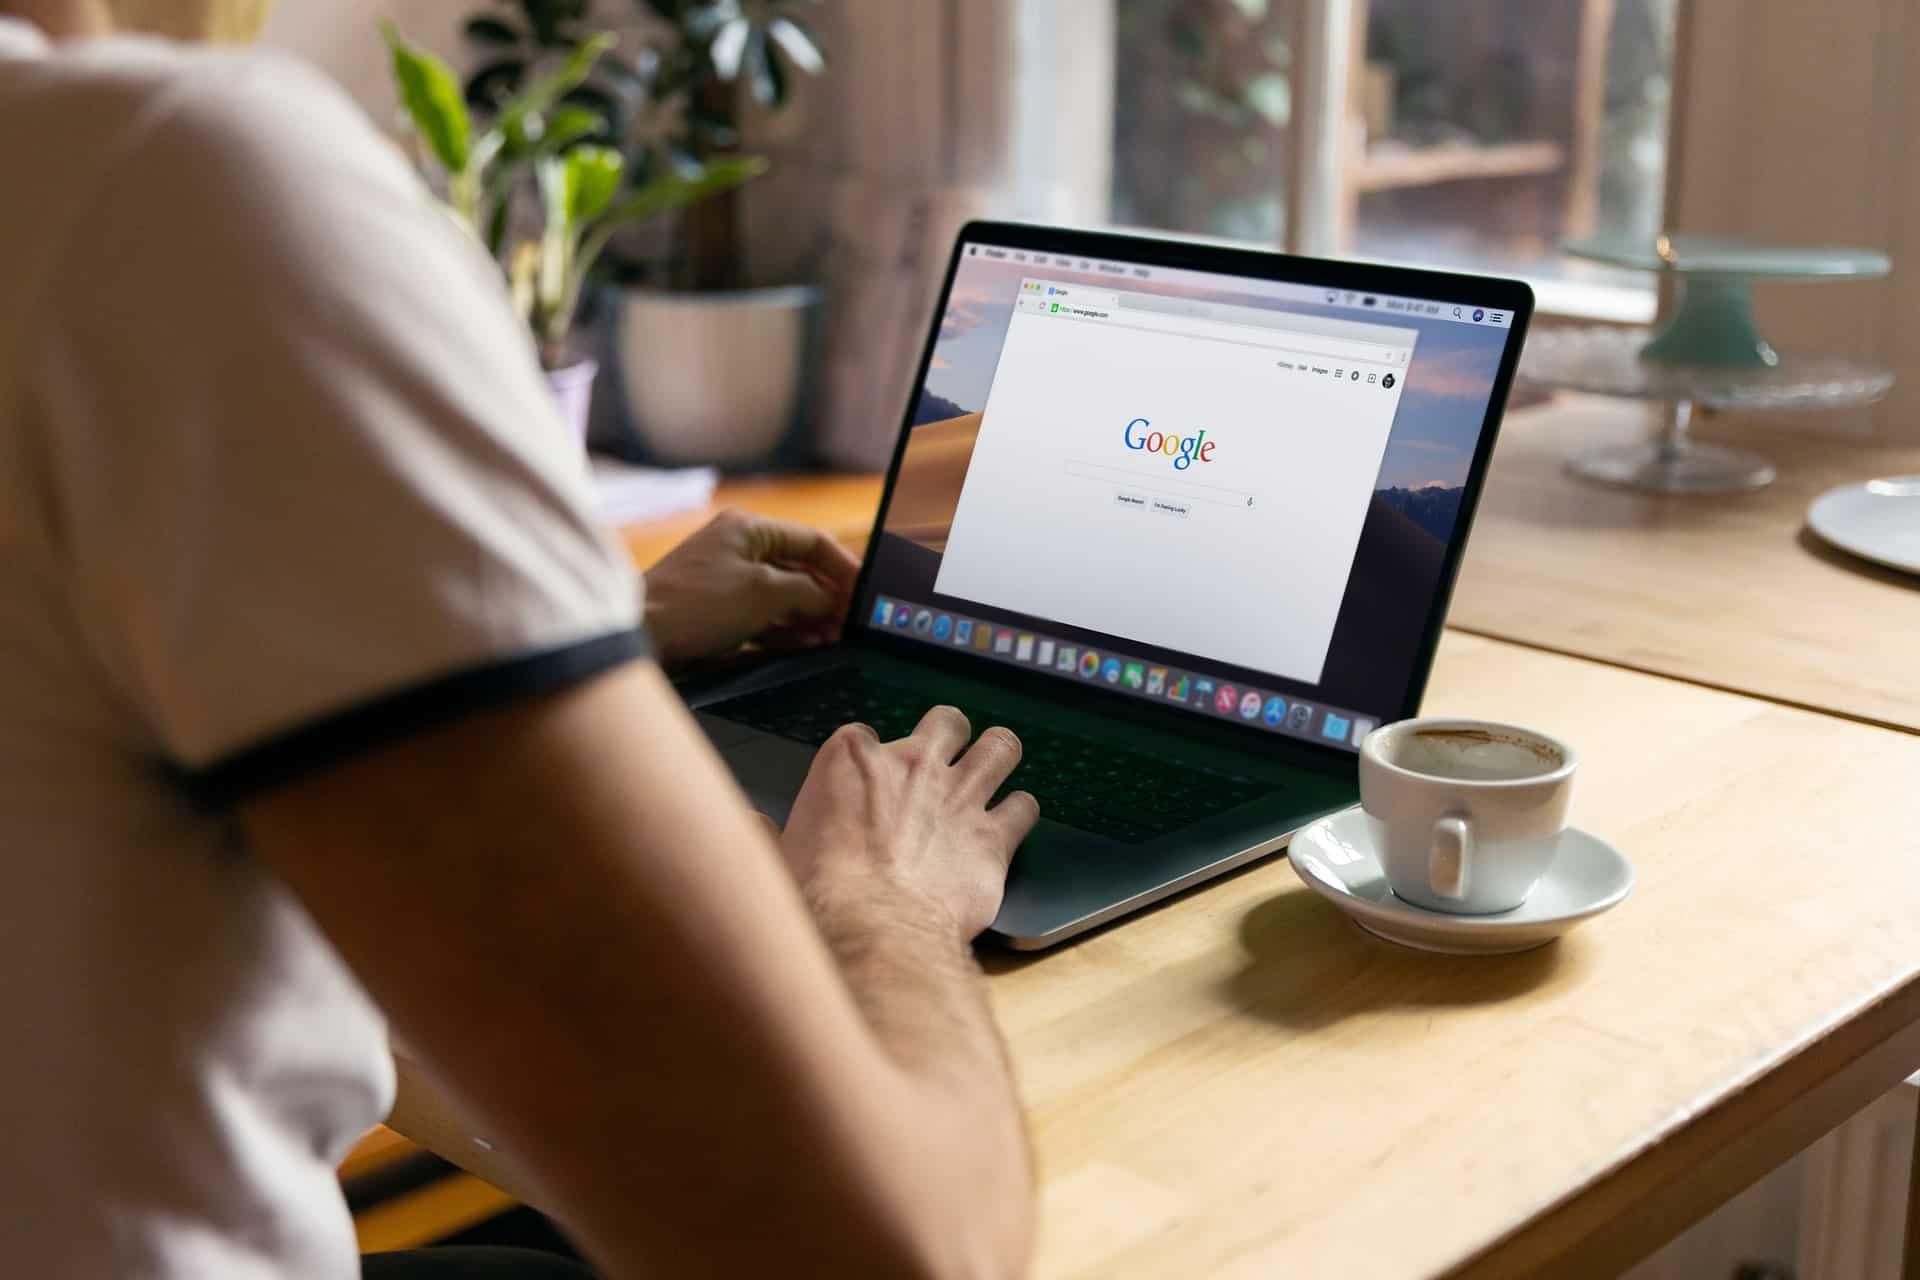 Google Hub digital photo frame